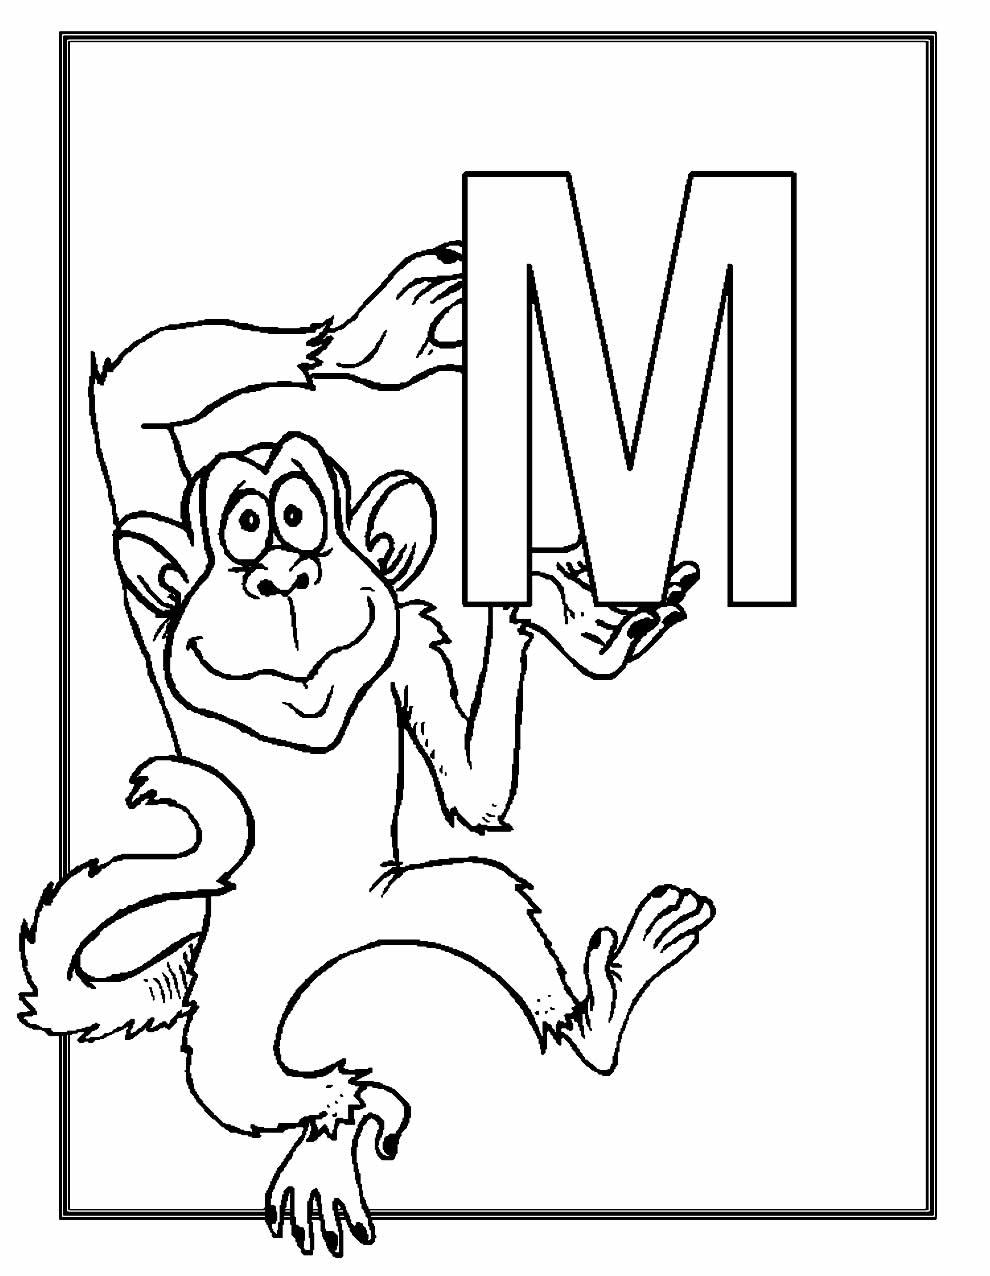 Imagem de macaco para colorir